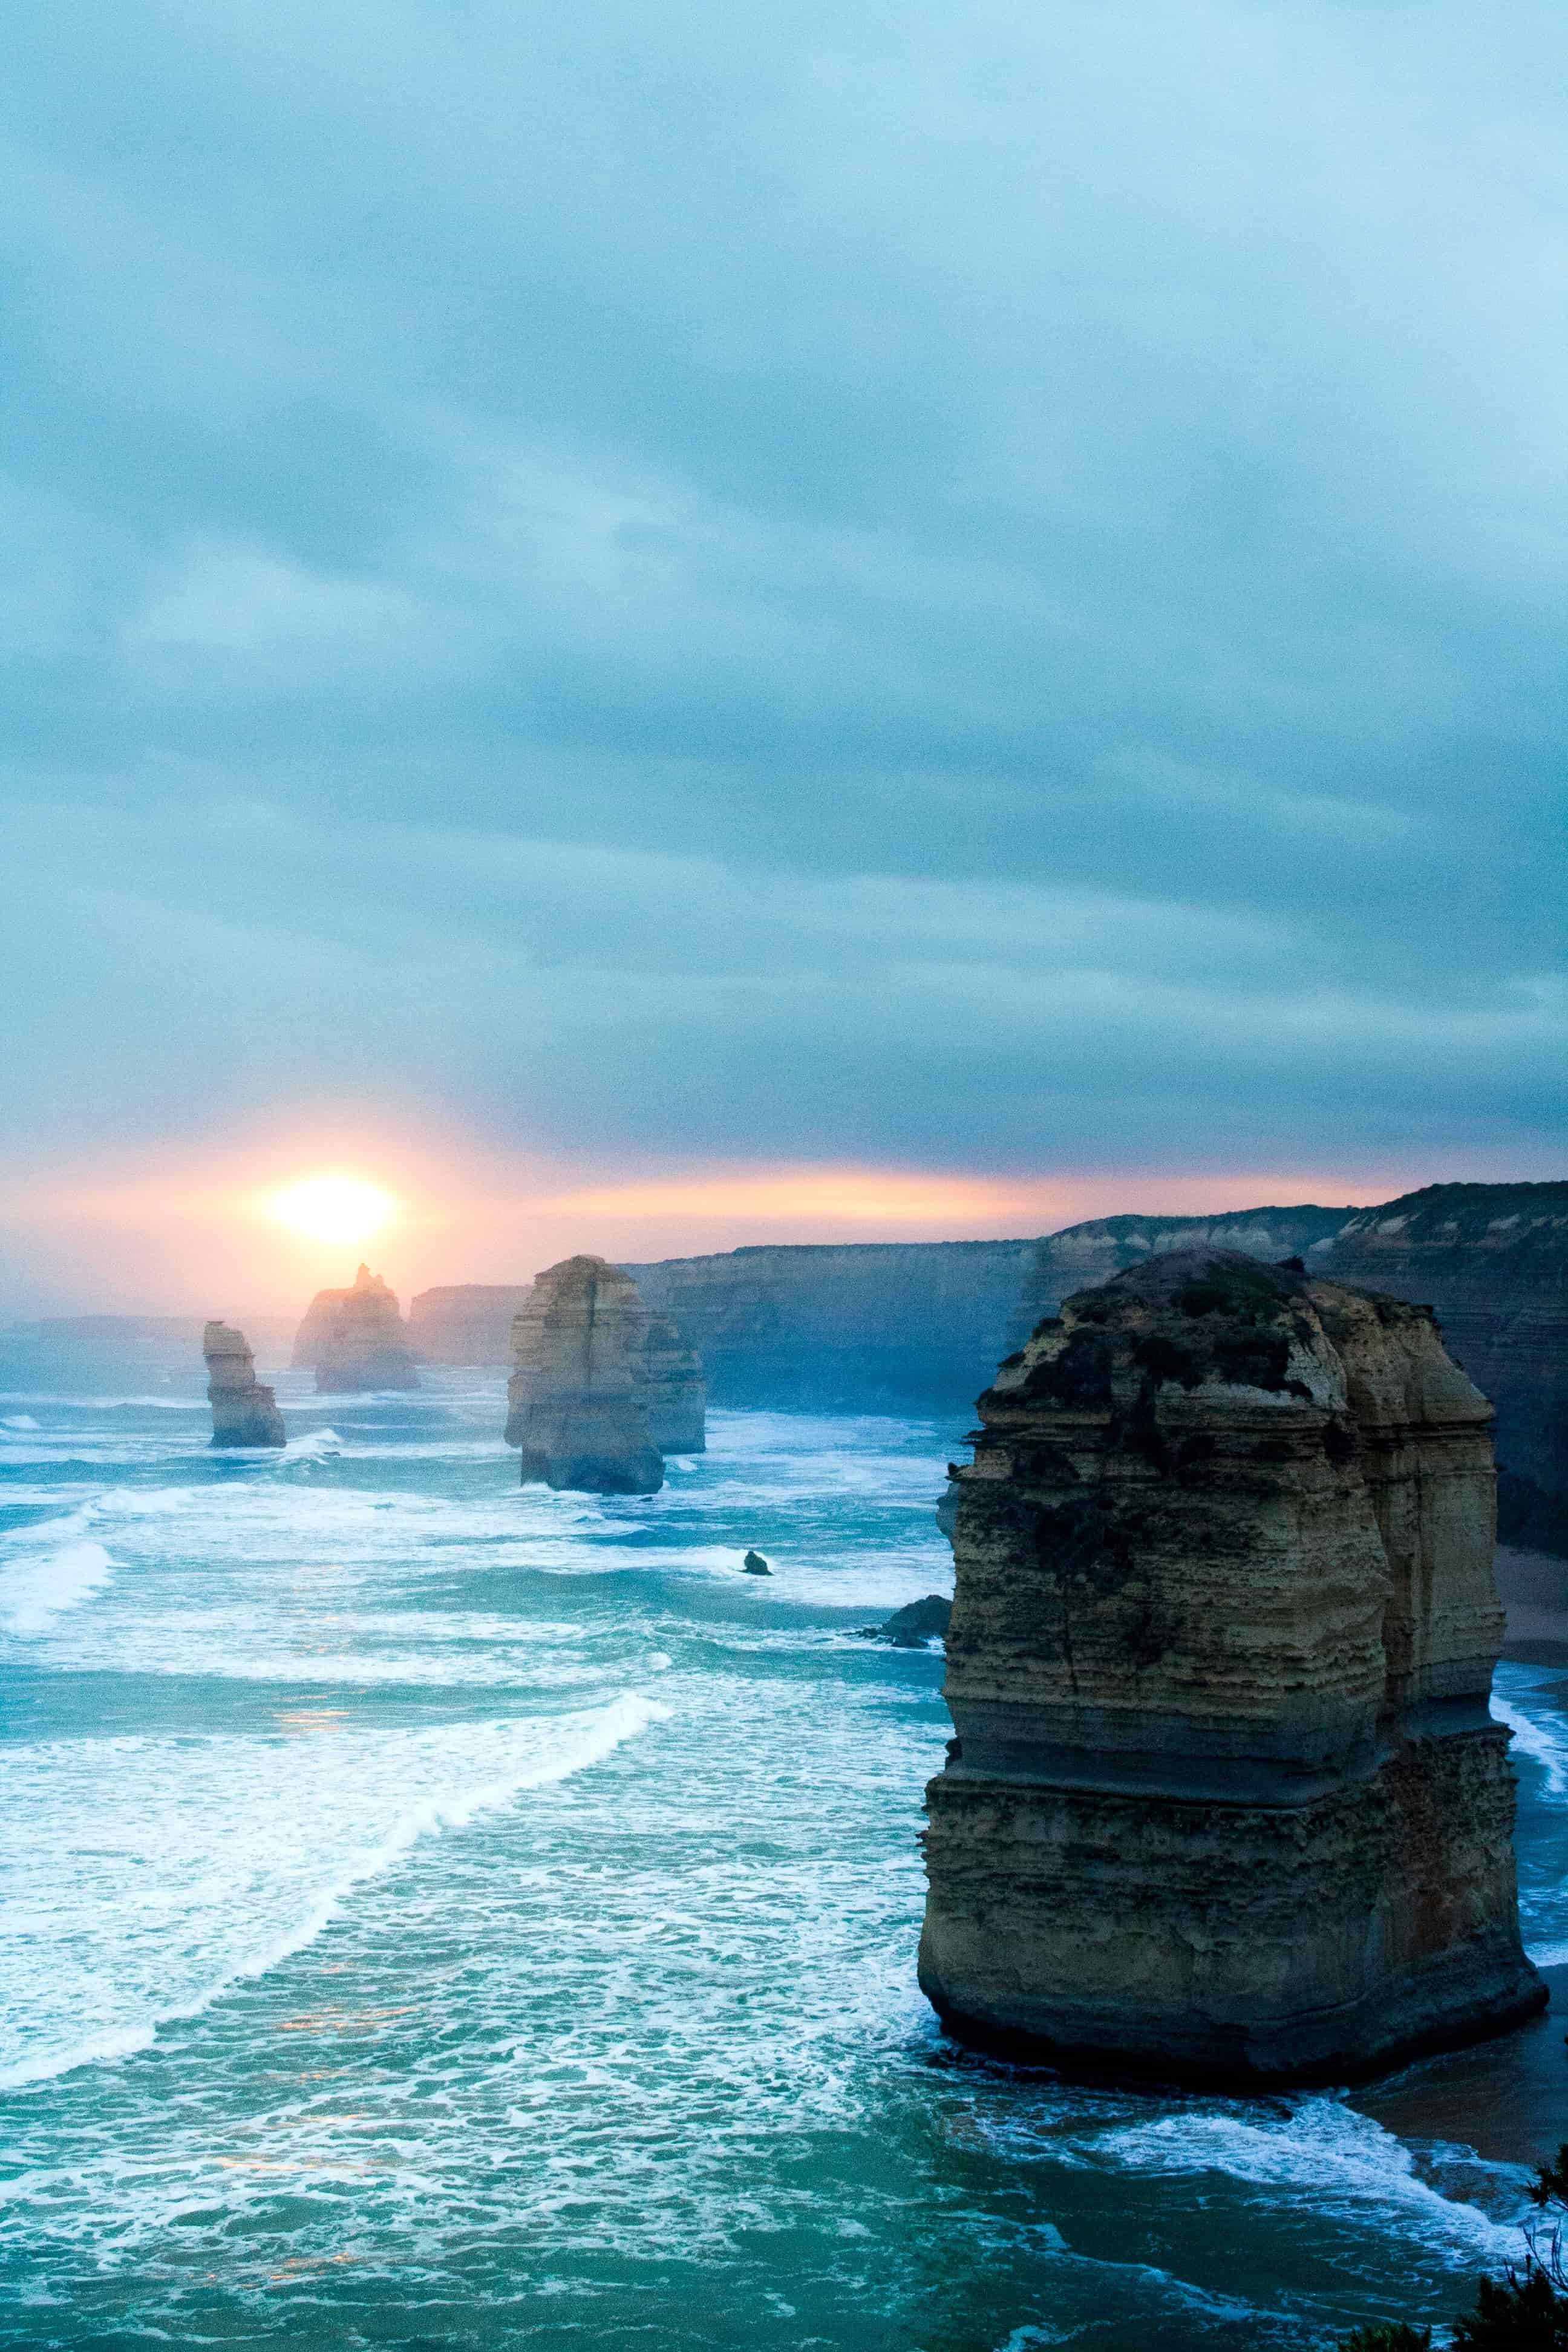 Australien und surfen der traumhafte KOntinent